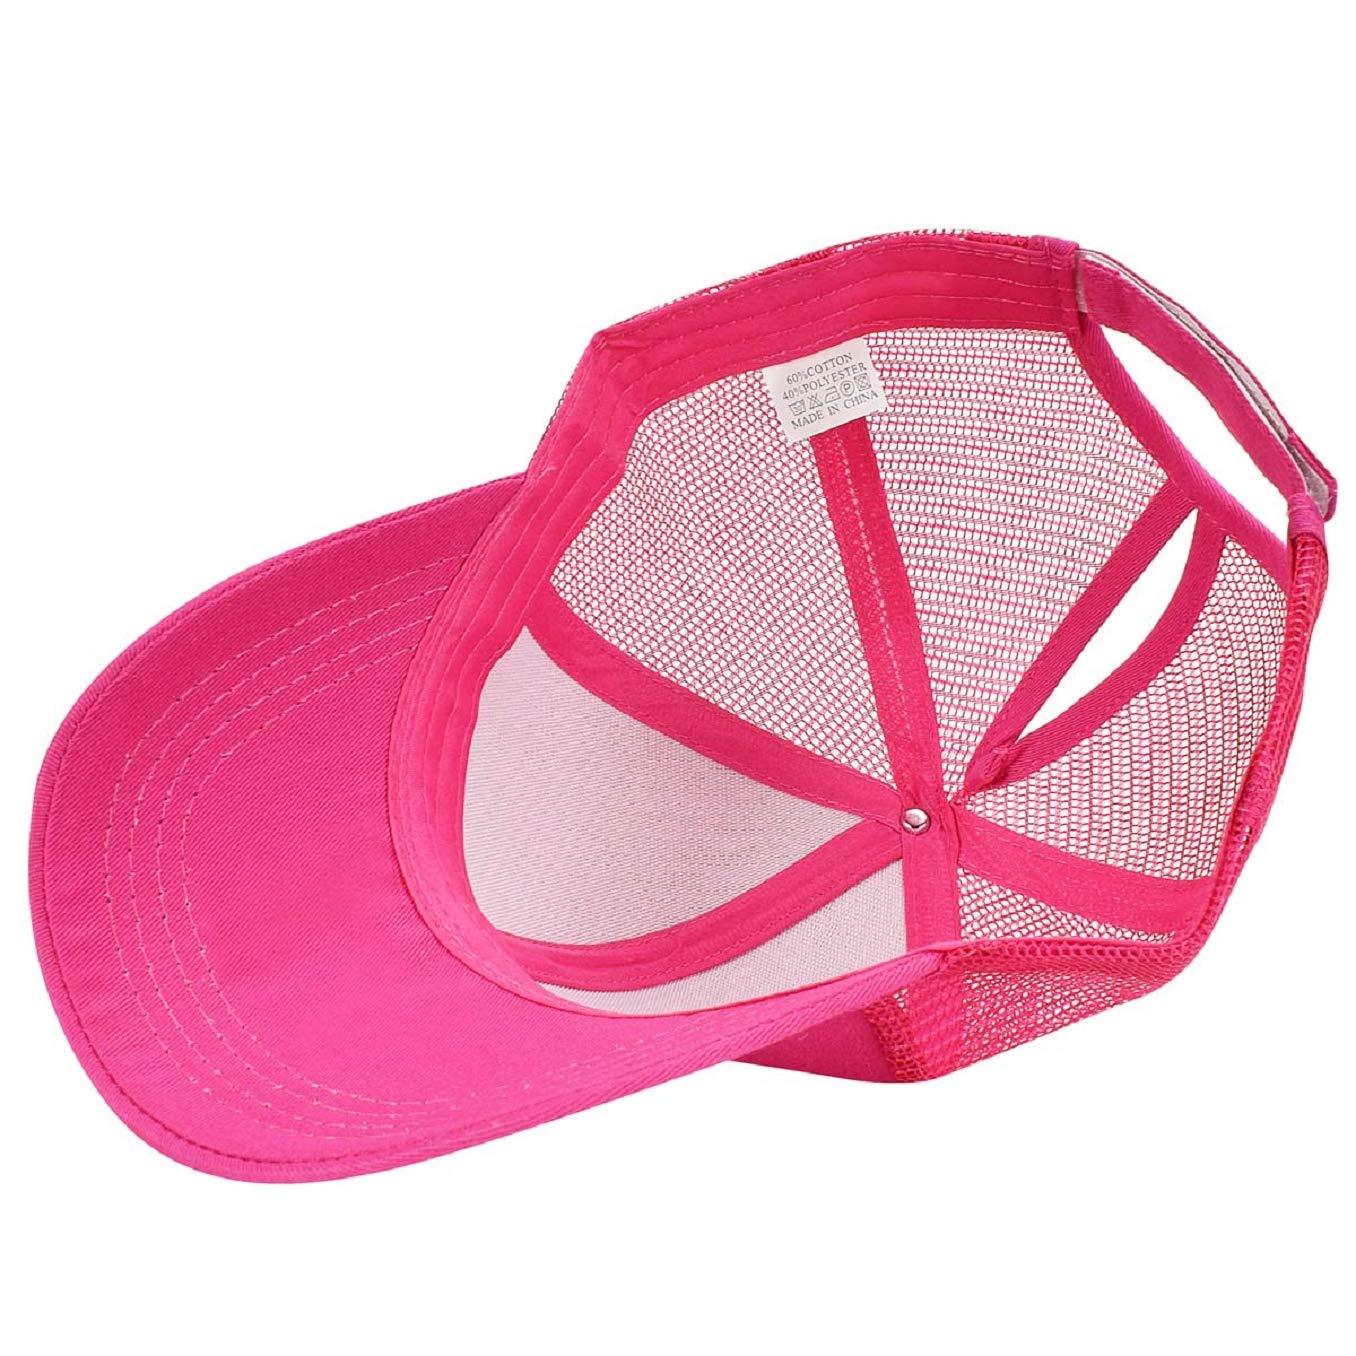 ac3bfc33792c0 Tuopuda Casquette de Baseball Femme Chapeau de Queue de Cheval Réglable Demi -Maille Casquettes de Sport Outdoor Vêtements